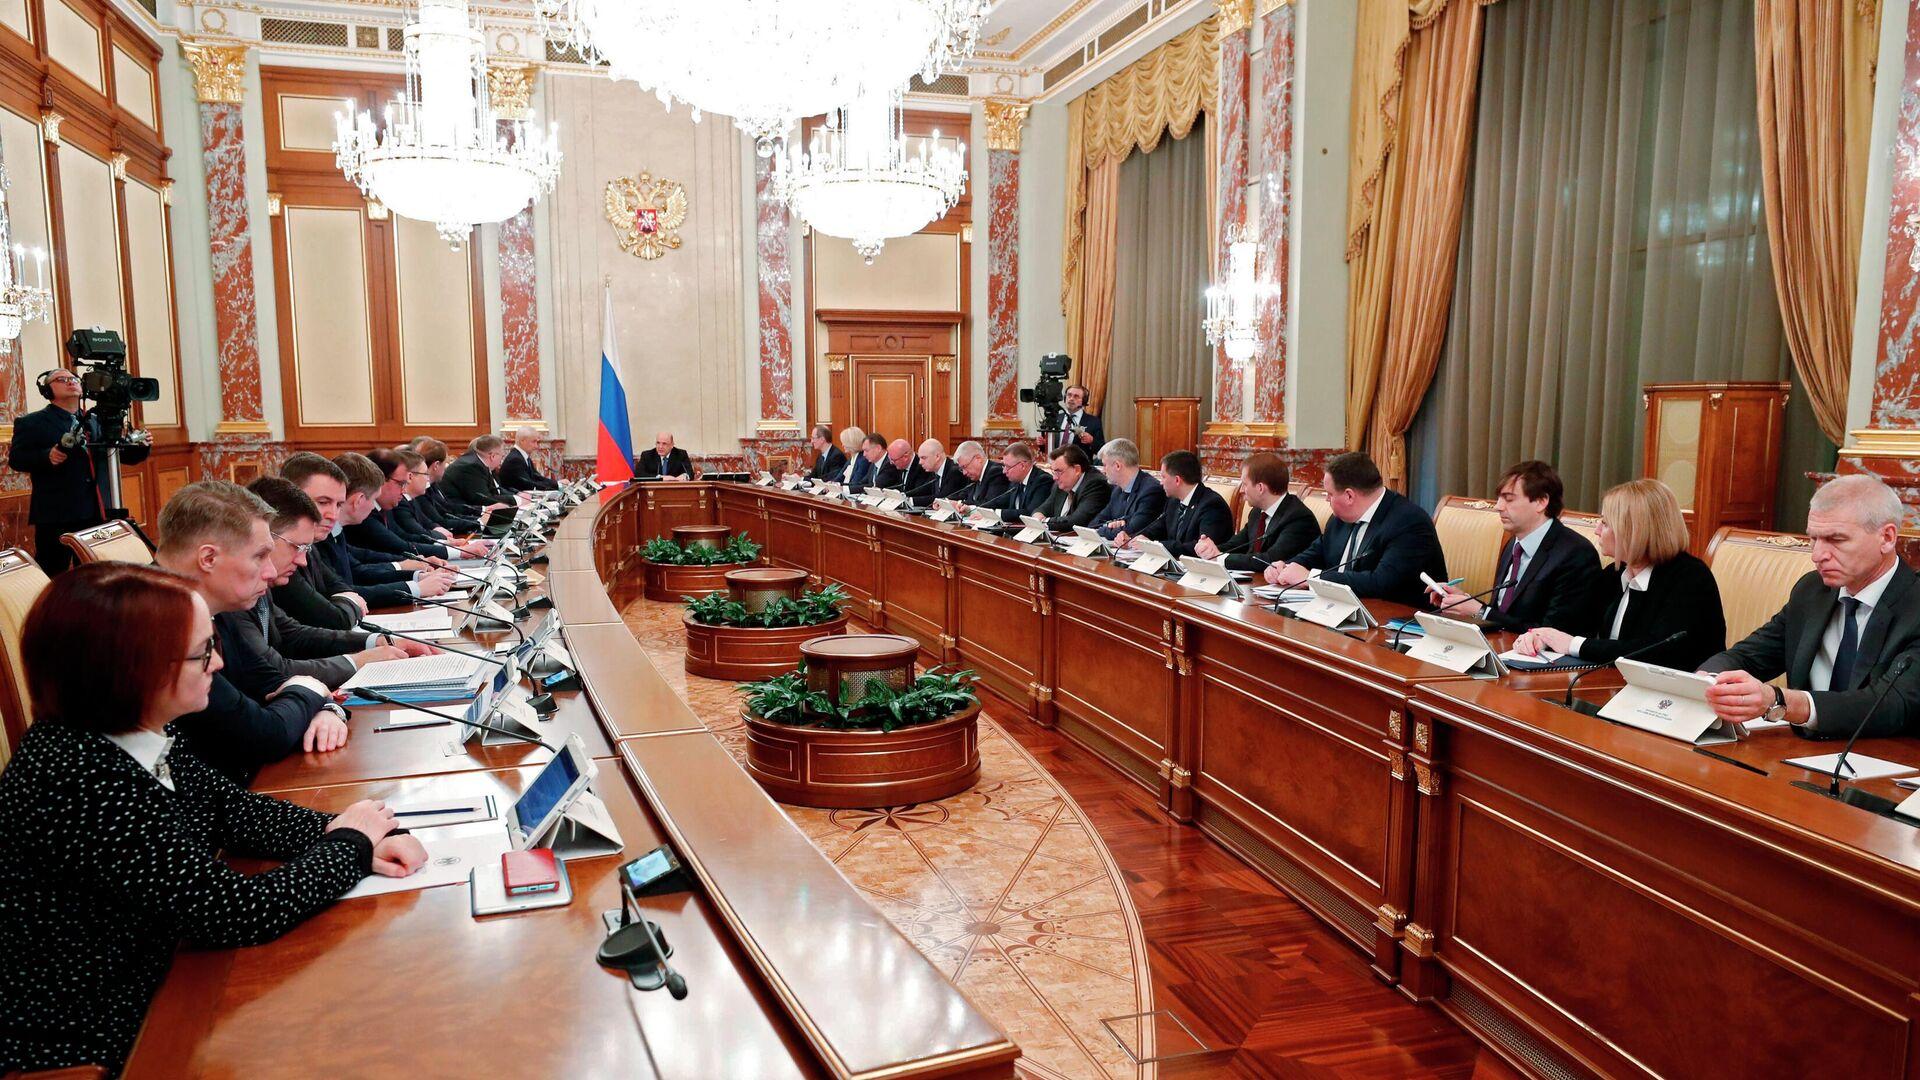 Председатель правительства РФ Михаил Мишустин проводит совещание с членами кабинета министров - РИА Новости, 1920, 04.05.2021